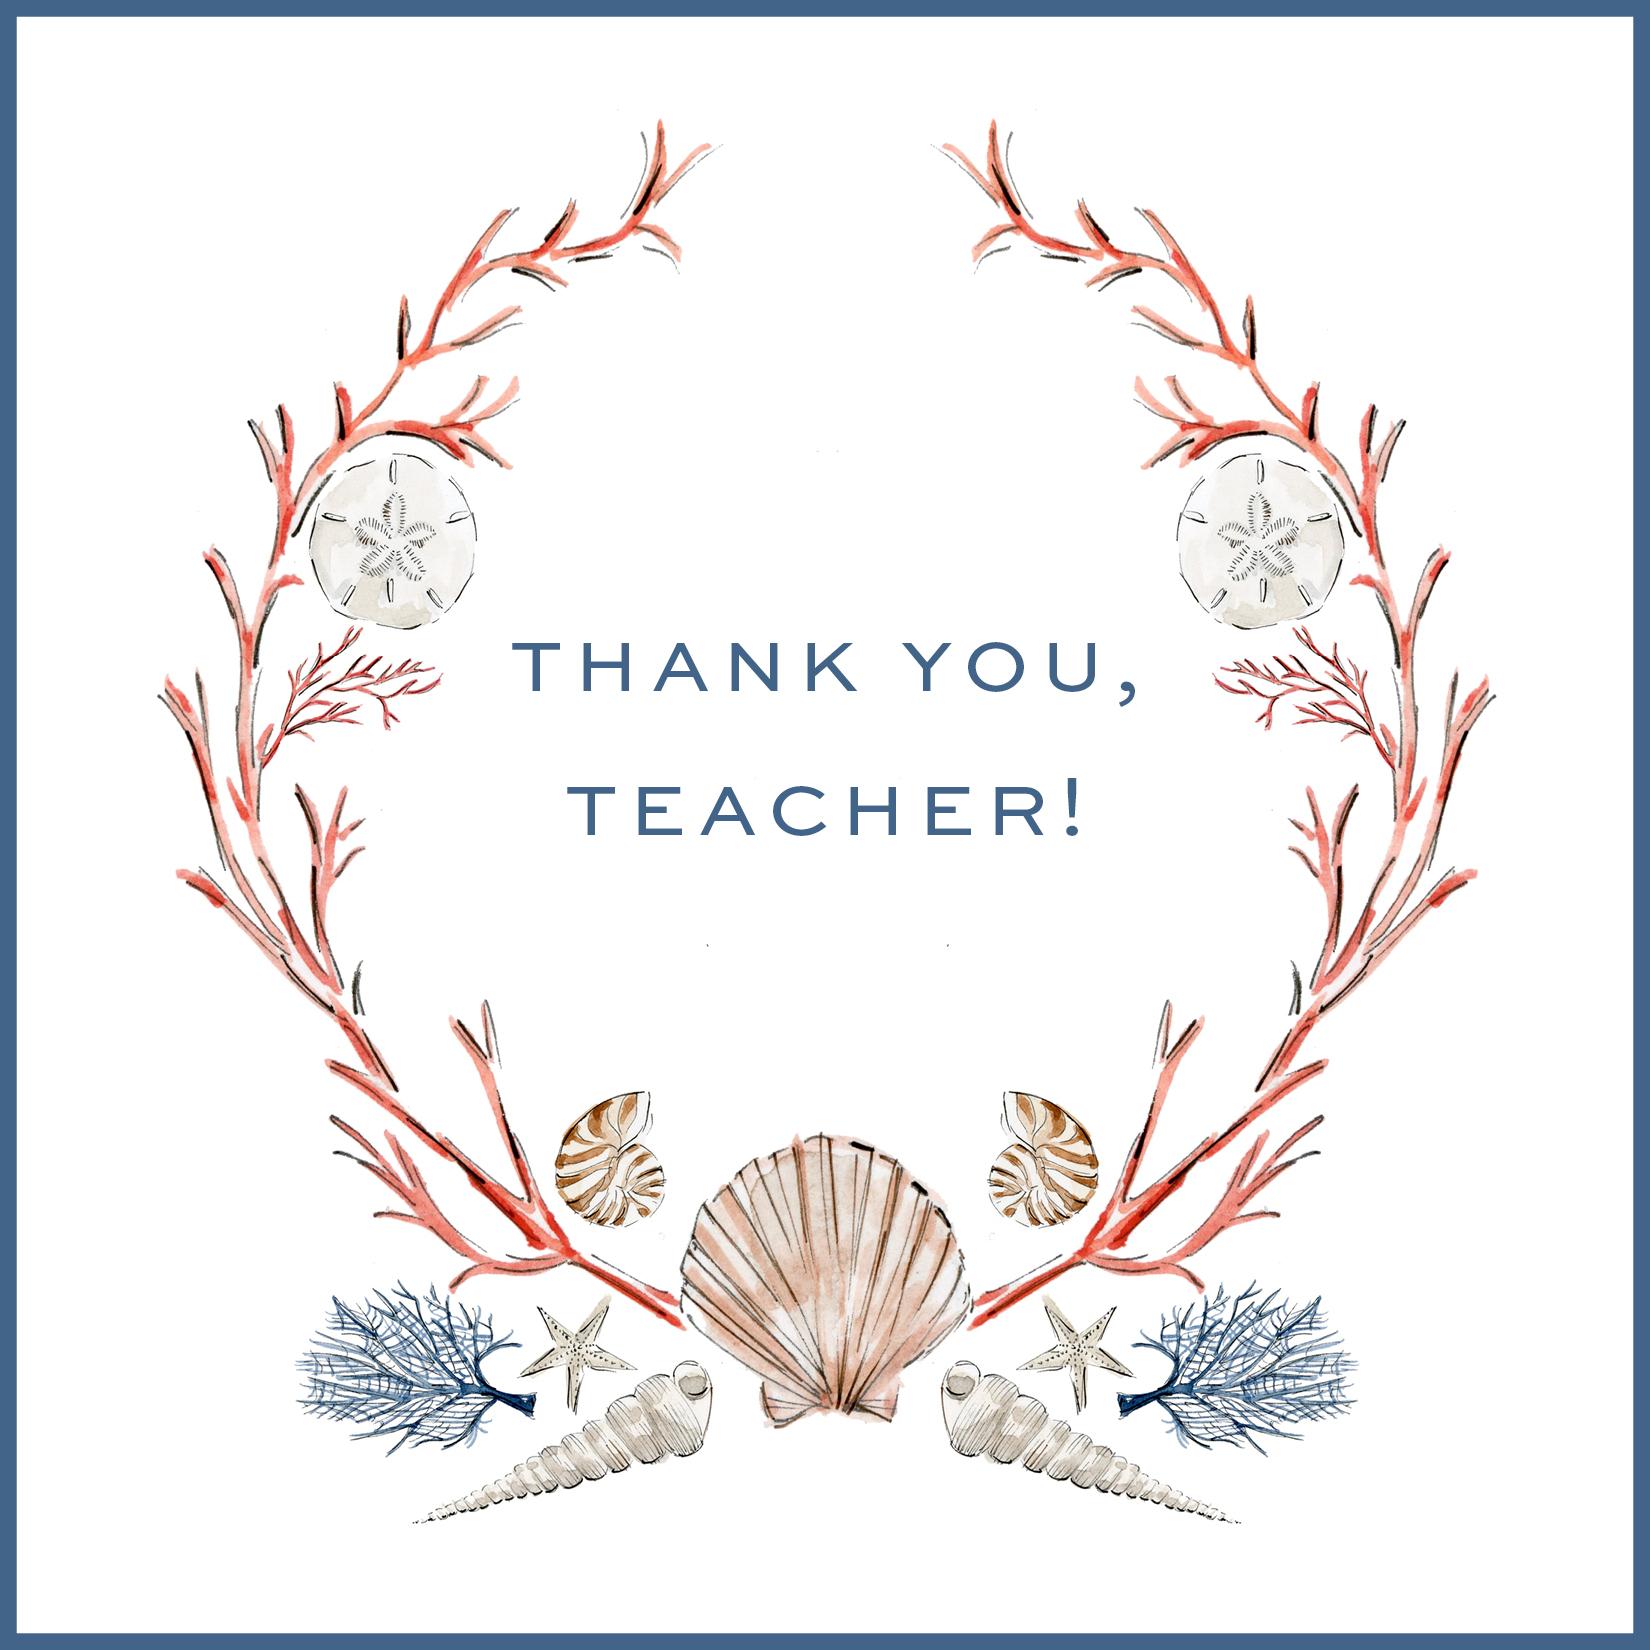 Activity Printable Day 17: Thank You, Teacher! Notes